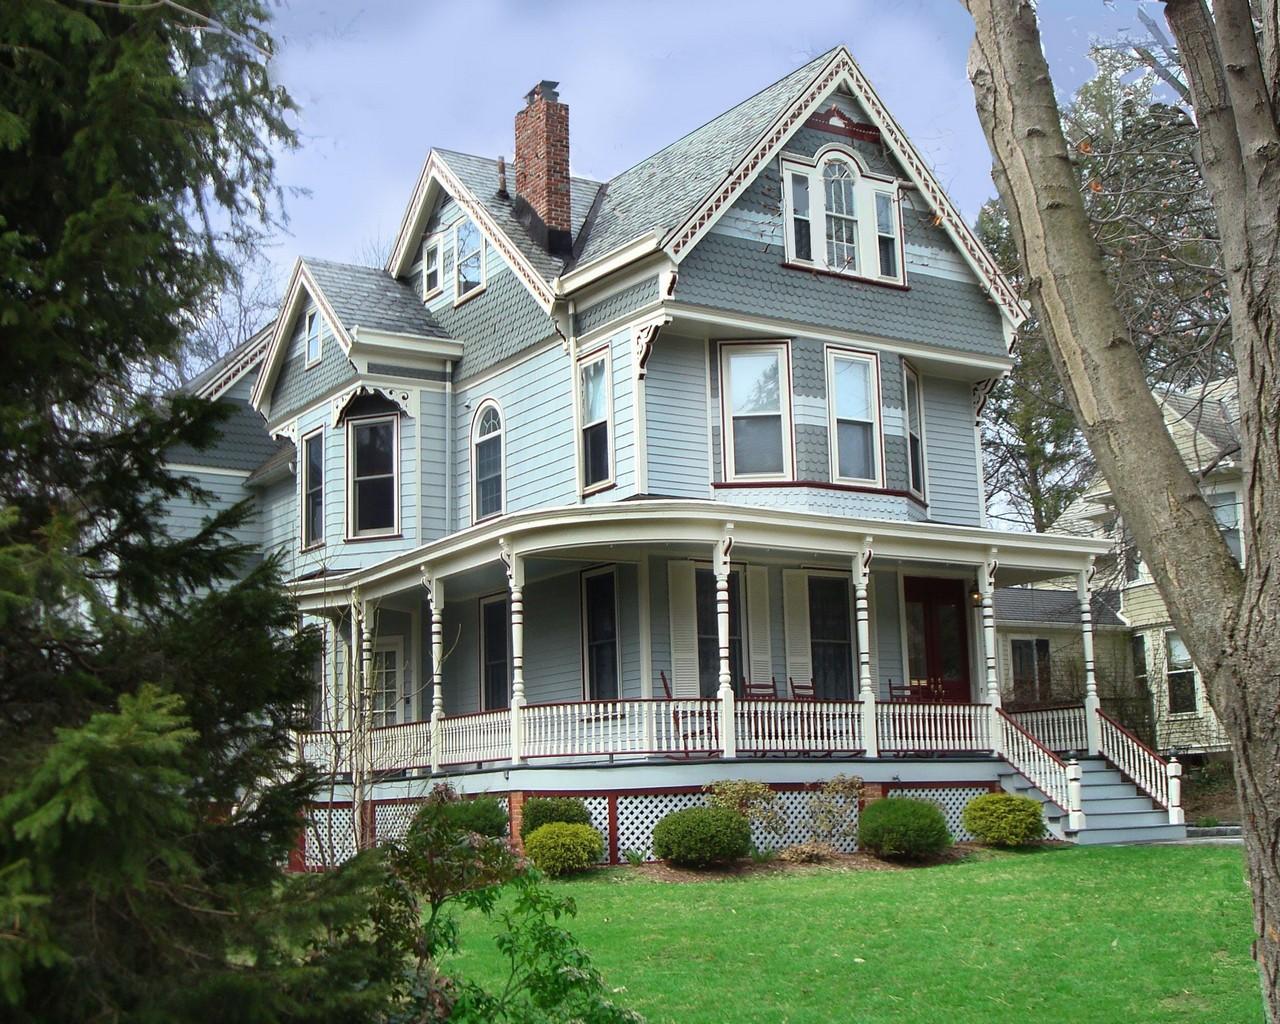 Casa Unifamiliar por un Venta en Renovated Storybook Victorian 74 Winsor Place Glen Ridge, Nueva Jersey, 07028 Estados Unidos